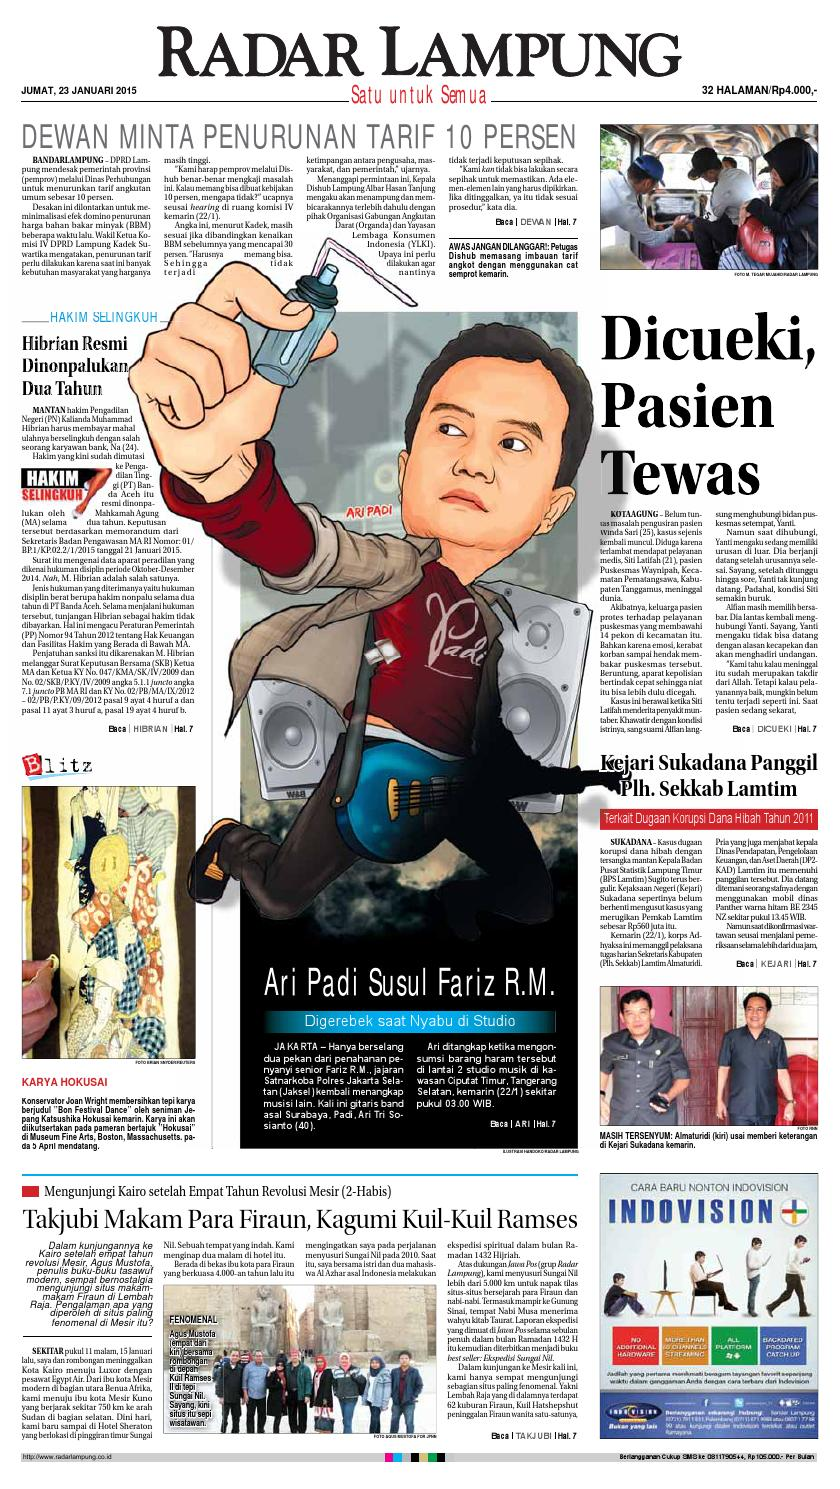 Radar Lampung Jumat 23 Januari 2015 By Ayep Kancee Issuu Tcash Vaganza 39 Bantal Mobil 3 In 1 Juventus Aksesoris